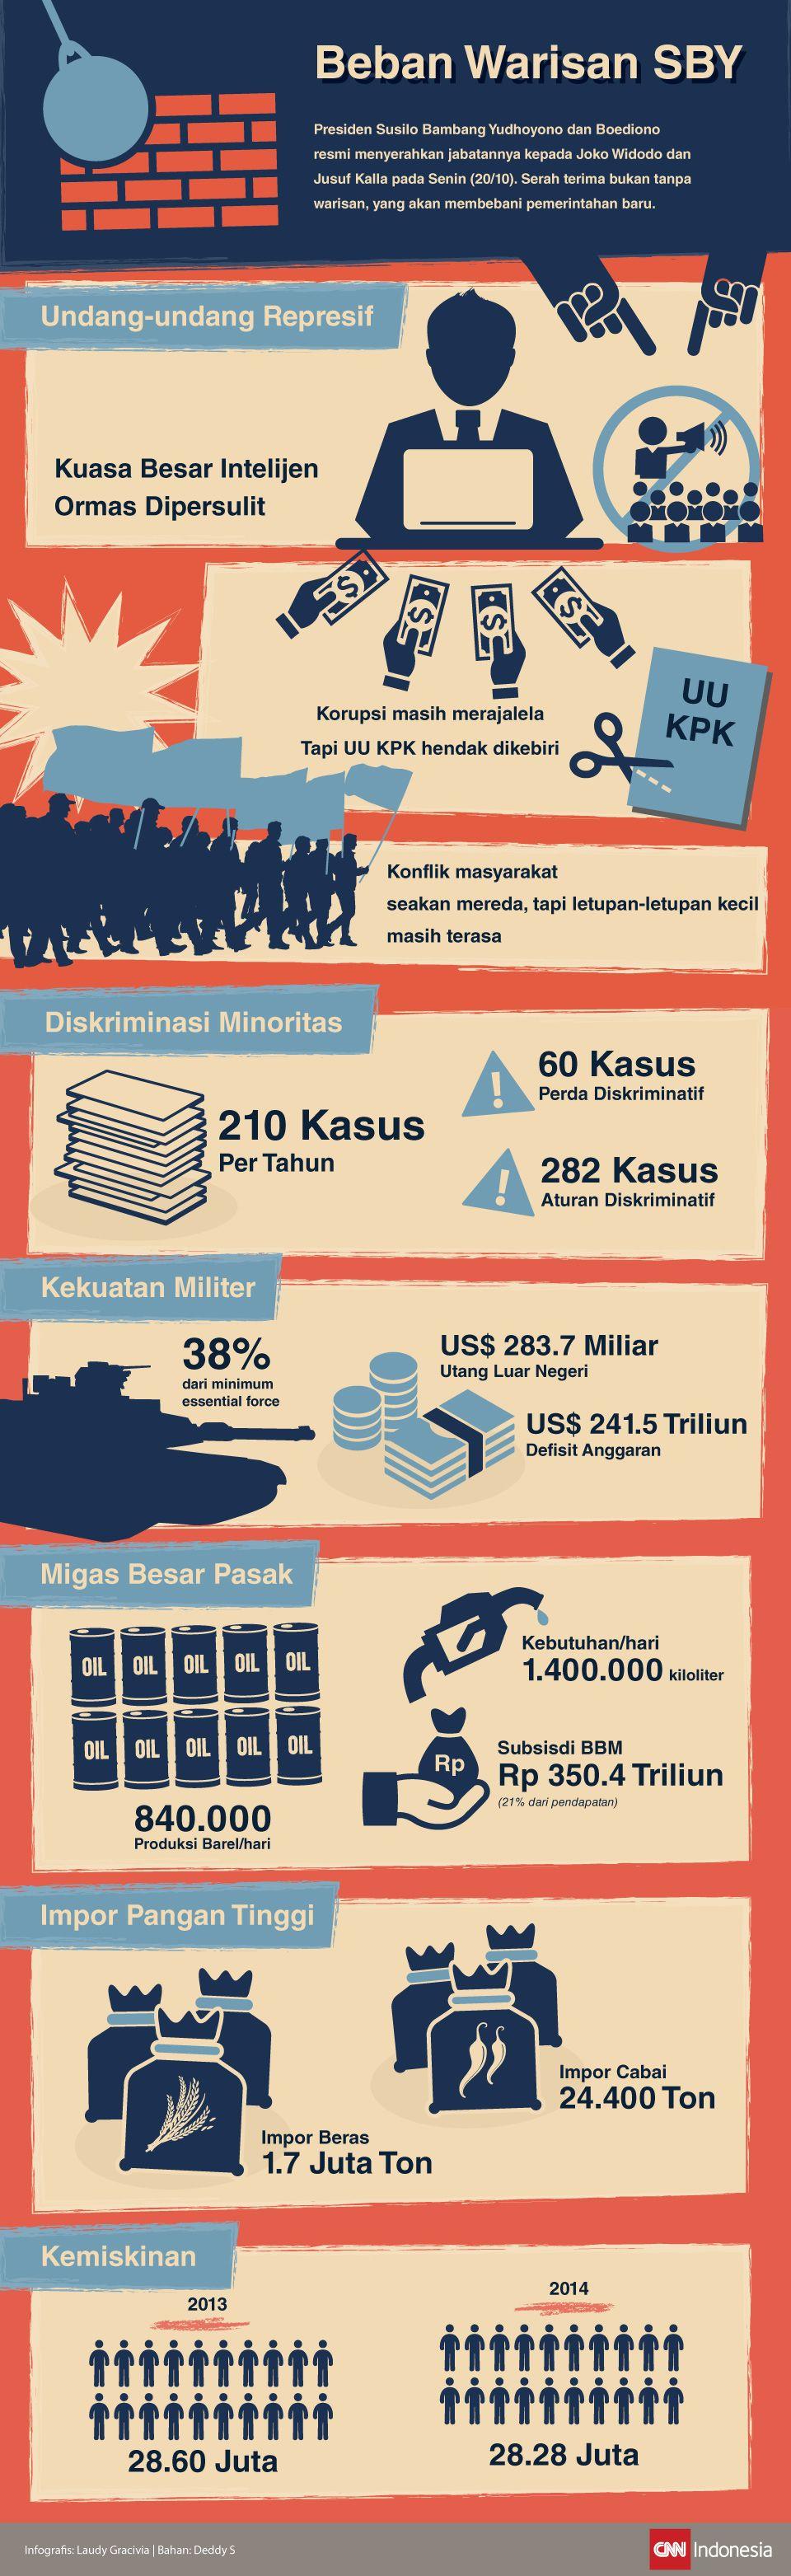 Infografis Beban Warisan SBY